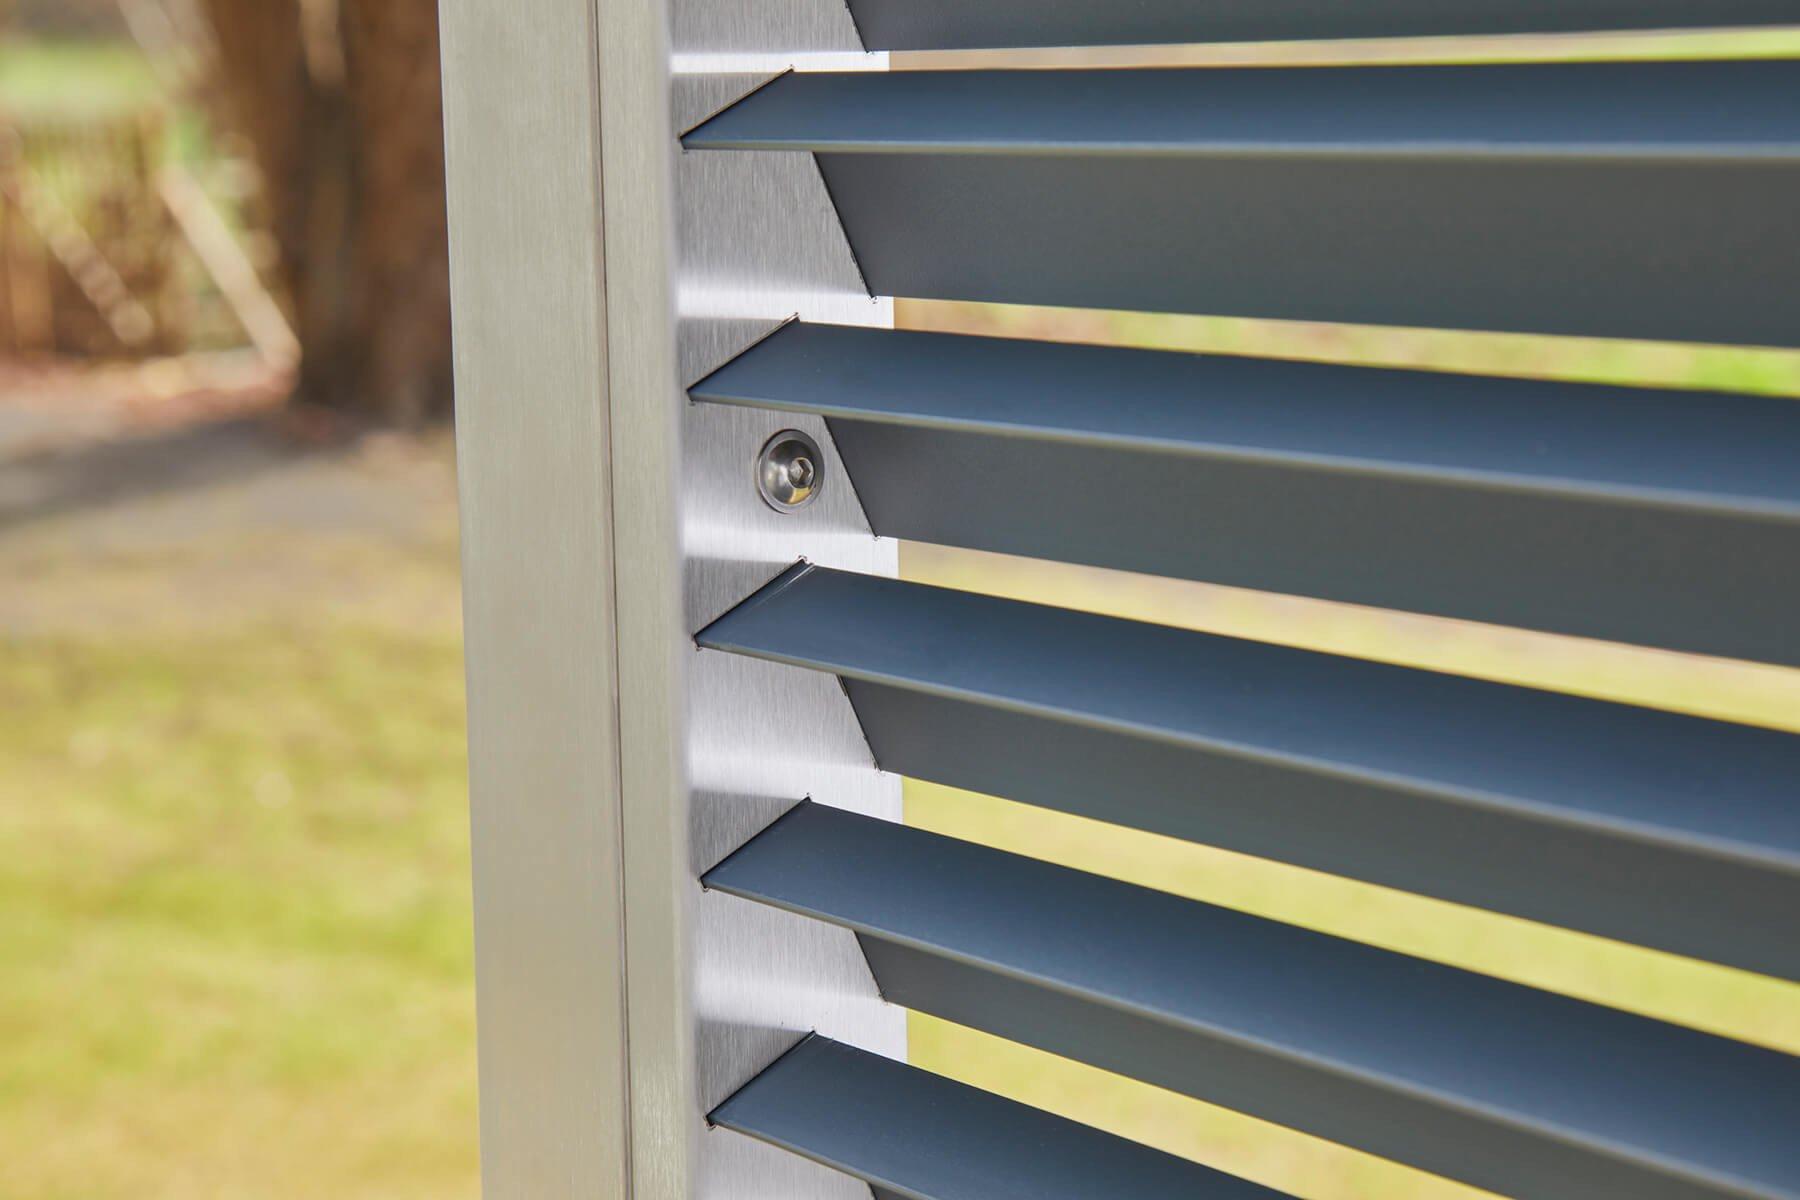 Moderner Lamellenzaun mit optimaler Lichtdurchlässigkeit tranzluzen sorgt für ein perfektes Ambiente auf der Terrasse oder im Garten